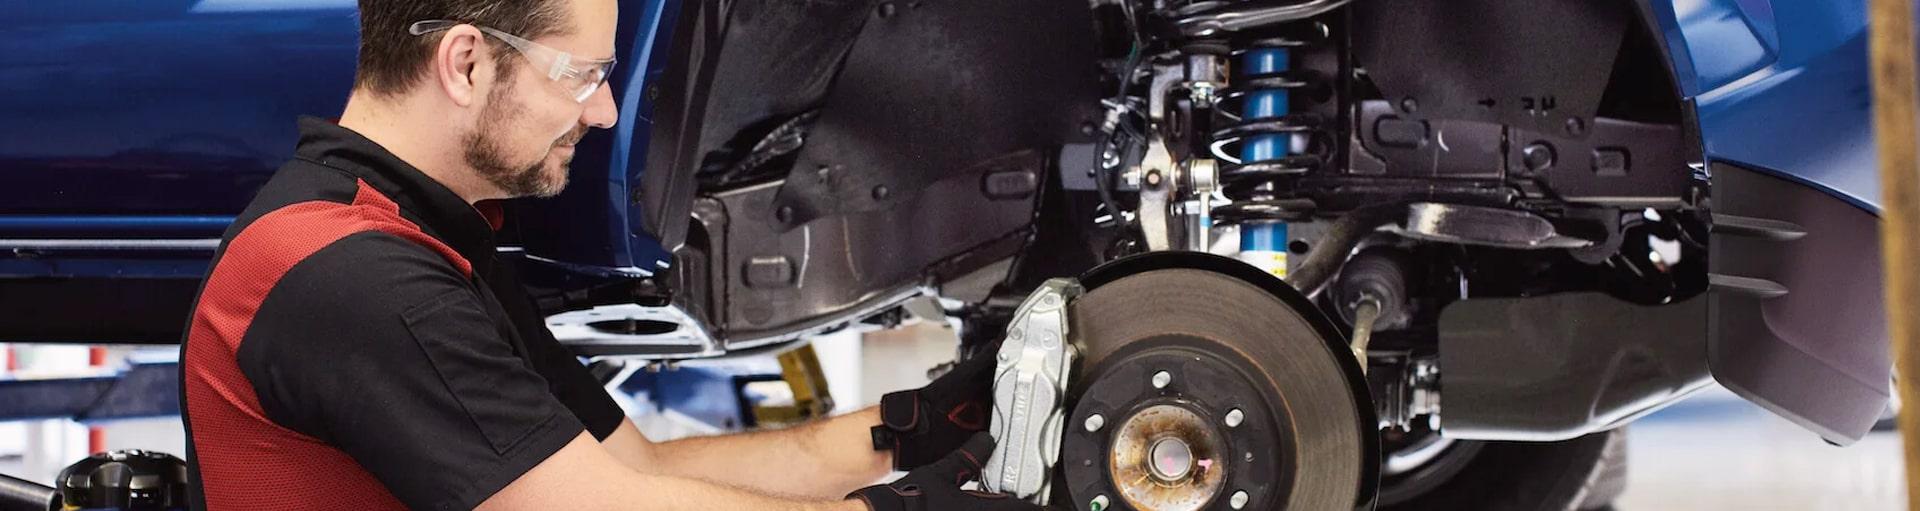 Ganley Toyota Brake System Services